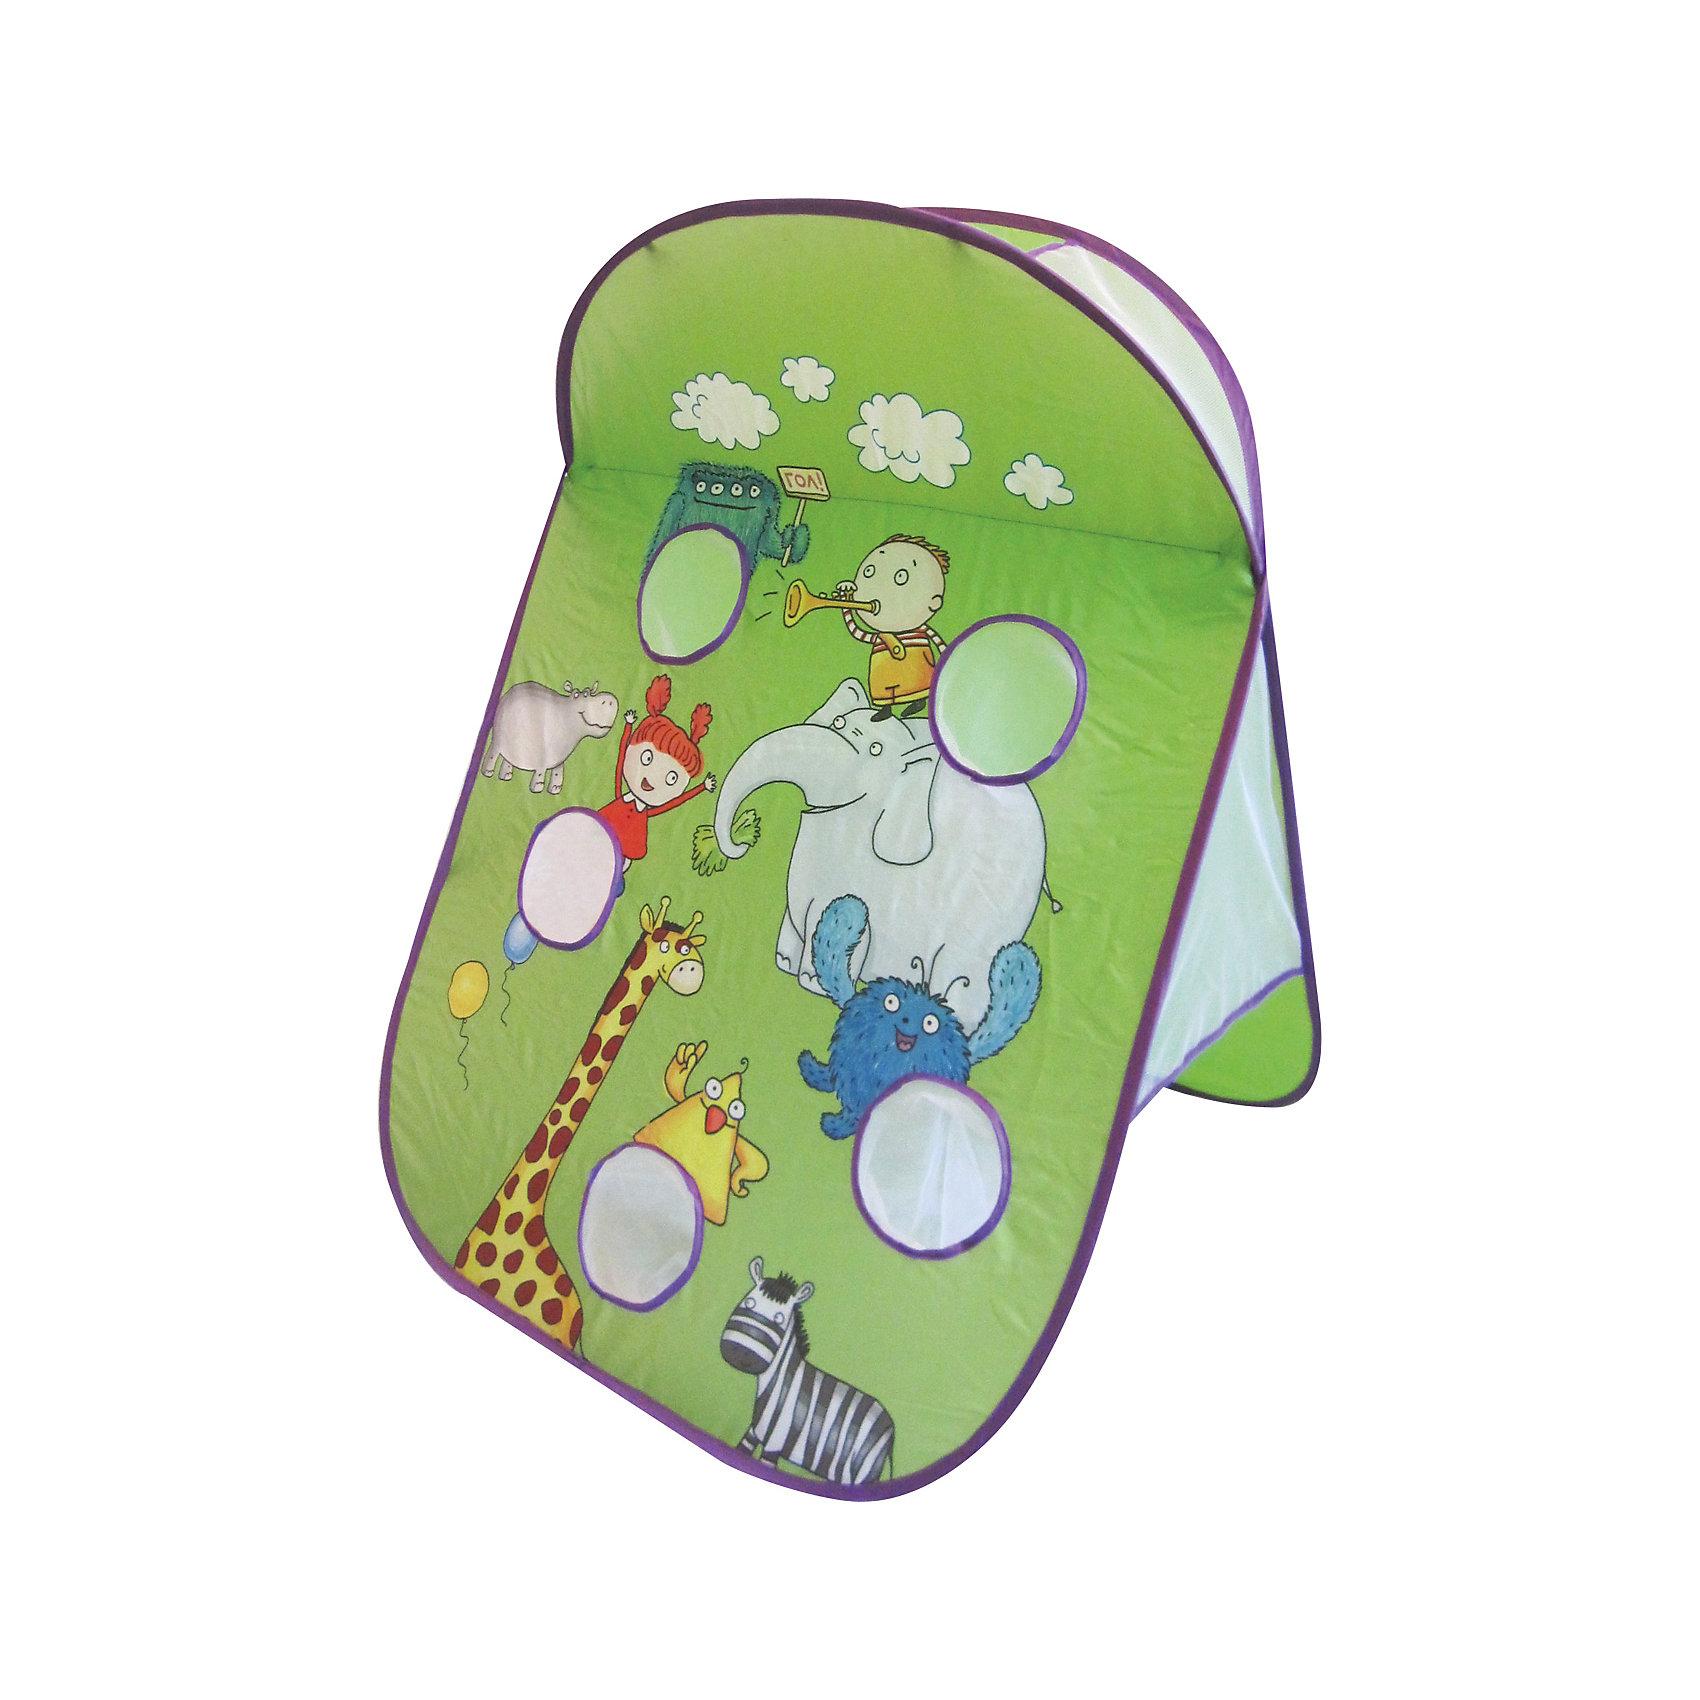 Игра Криблиболл Самый умный и ловкий, InSummerИгра Криблиболл Самый умный и ловкий, InSummer<br><br>Характеристики:<br>- Состав: текстиль, металлический каркас  <br>- Размер: 65 * 75 * 90 см.<br>- Количество игроков: от 2 до 15<br><br>Игра Криблиболл Самый умный и ловкий от производителя игр и товаров для детей InSummer (Инсаммер) станет неотъемлемой частью семейных игр. Игра состоит из небольших мячиком и раскладываемого поля с лунками для шариков. Правила предлагают два варианта игры в криблиболл. Игра в «Самый умный и ловкий», где ведущий говорит прилагательное, а остальные игроки должны подобрать к нему антоним, тот, у кого получается сказать противоположное значение первым получает право на бросок мяча. Тот, кто забрасывает наибольшее количество мячей становится самым умным и ловким.  Во втором варианте игры могут участвовать два игрока. Перед каждым броском каждый игрок говорит комплимент другому игроку и получает право бросить мяч. Тот, кто забрасывает наибольшее количество мячей становится мастером комплиментов. Отличная активная игра для семейных вечеров или детских праздников.<br><br>Игру Криблиболл Самый умный и ловкий, InSummer (Инсаммер) можно купить в нашем интернет-магазине.<br>Подробнее:<br>• Для детей в возрасте: от 3 до 8 лет <br>• Номер товара: 4624440<br>Страна производитель: Китай<br><br>Ширина мм: 379<br>Глубина мм: 376<br>Высота мм: 50<br>Вес г: 478<br>Возраст от месяцев: 36<br>Возраст до месяцев: 120<br>Пол: Унисекс<br>Возраст: Детский<br>SKU: 4624440